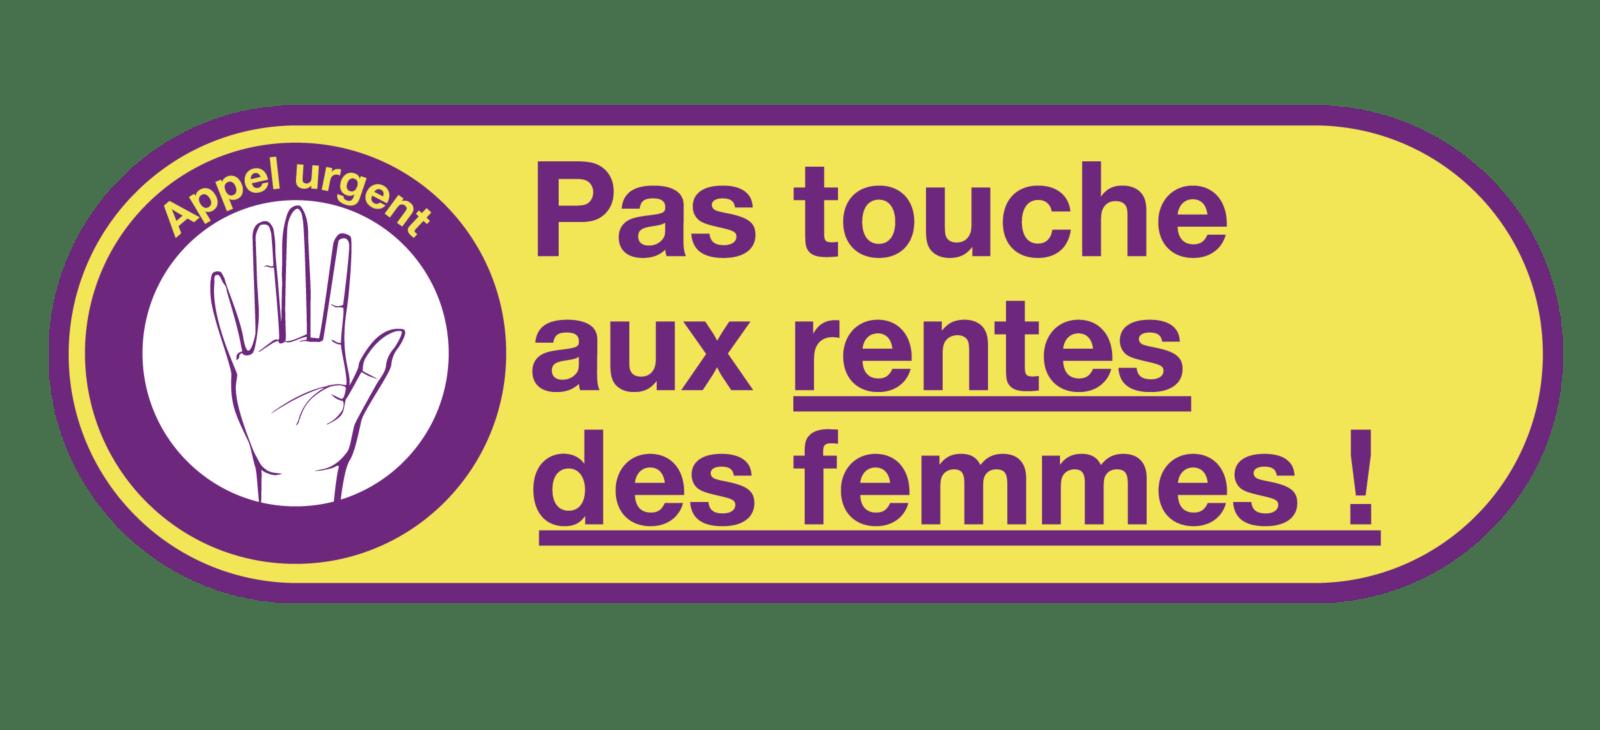 Pas touche aux rentes des femmes!